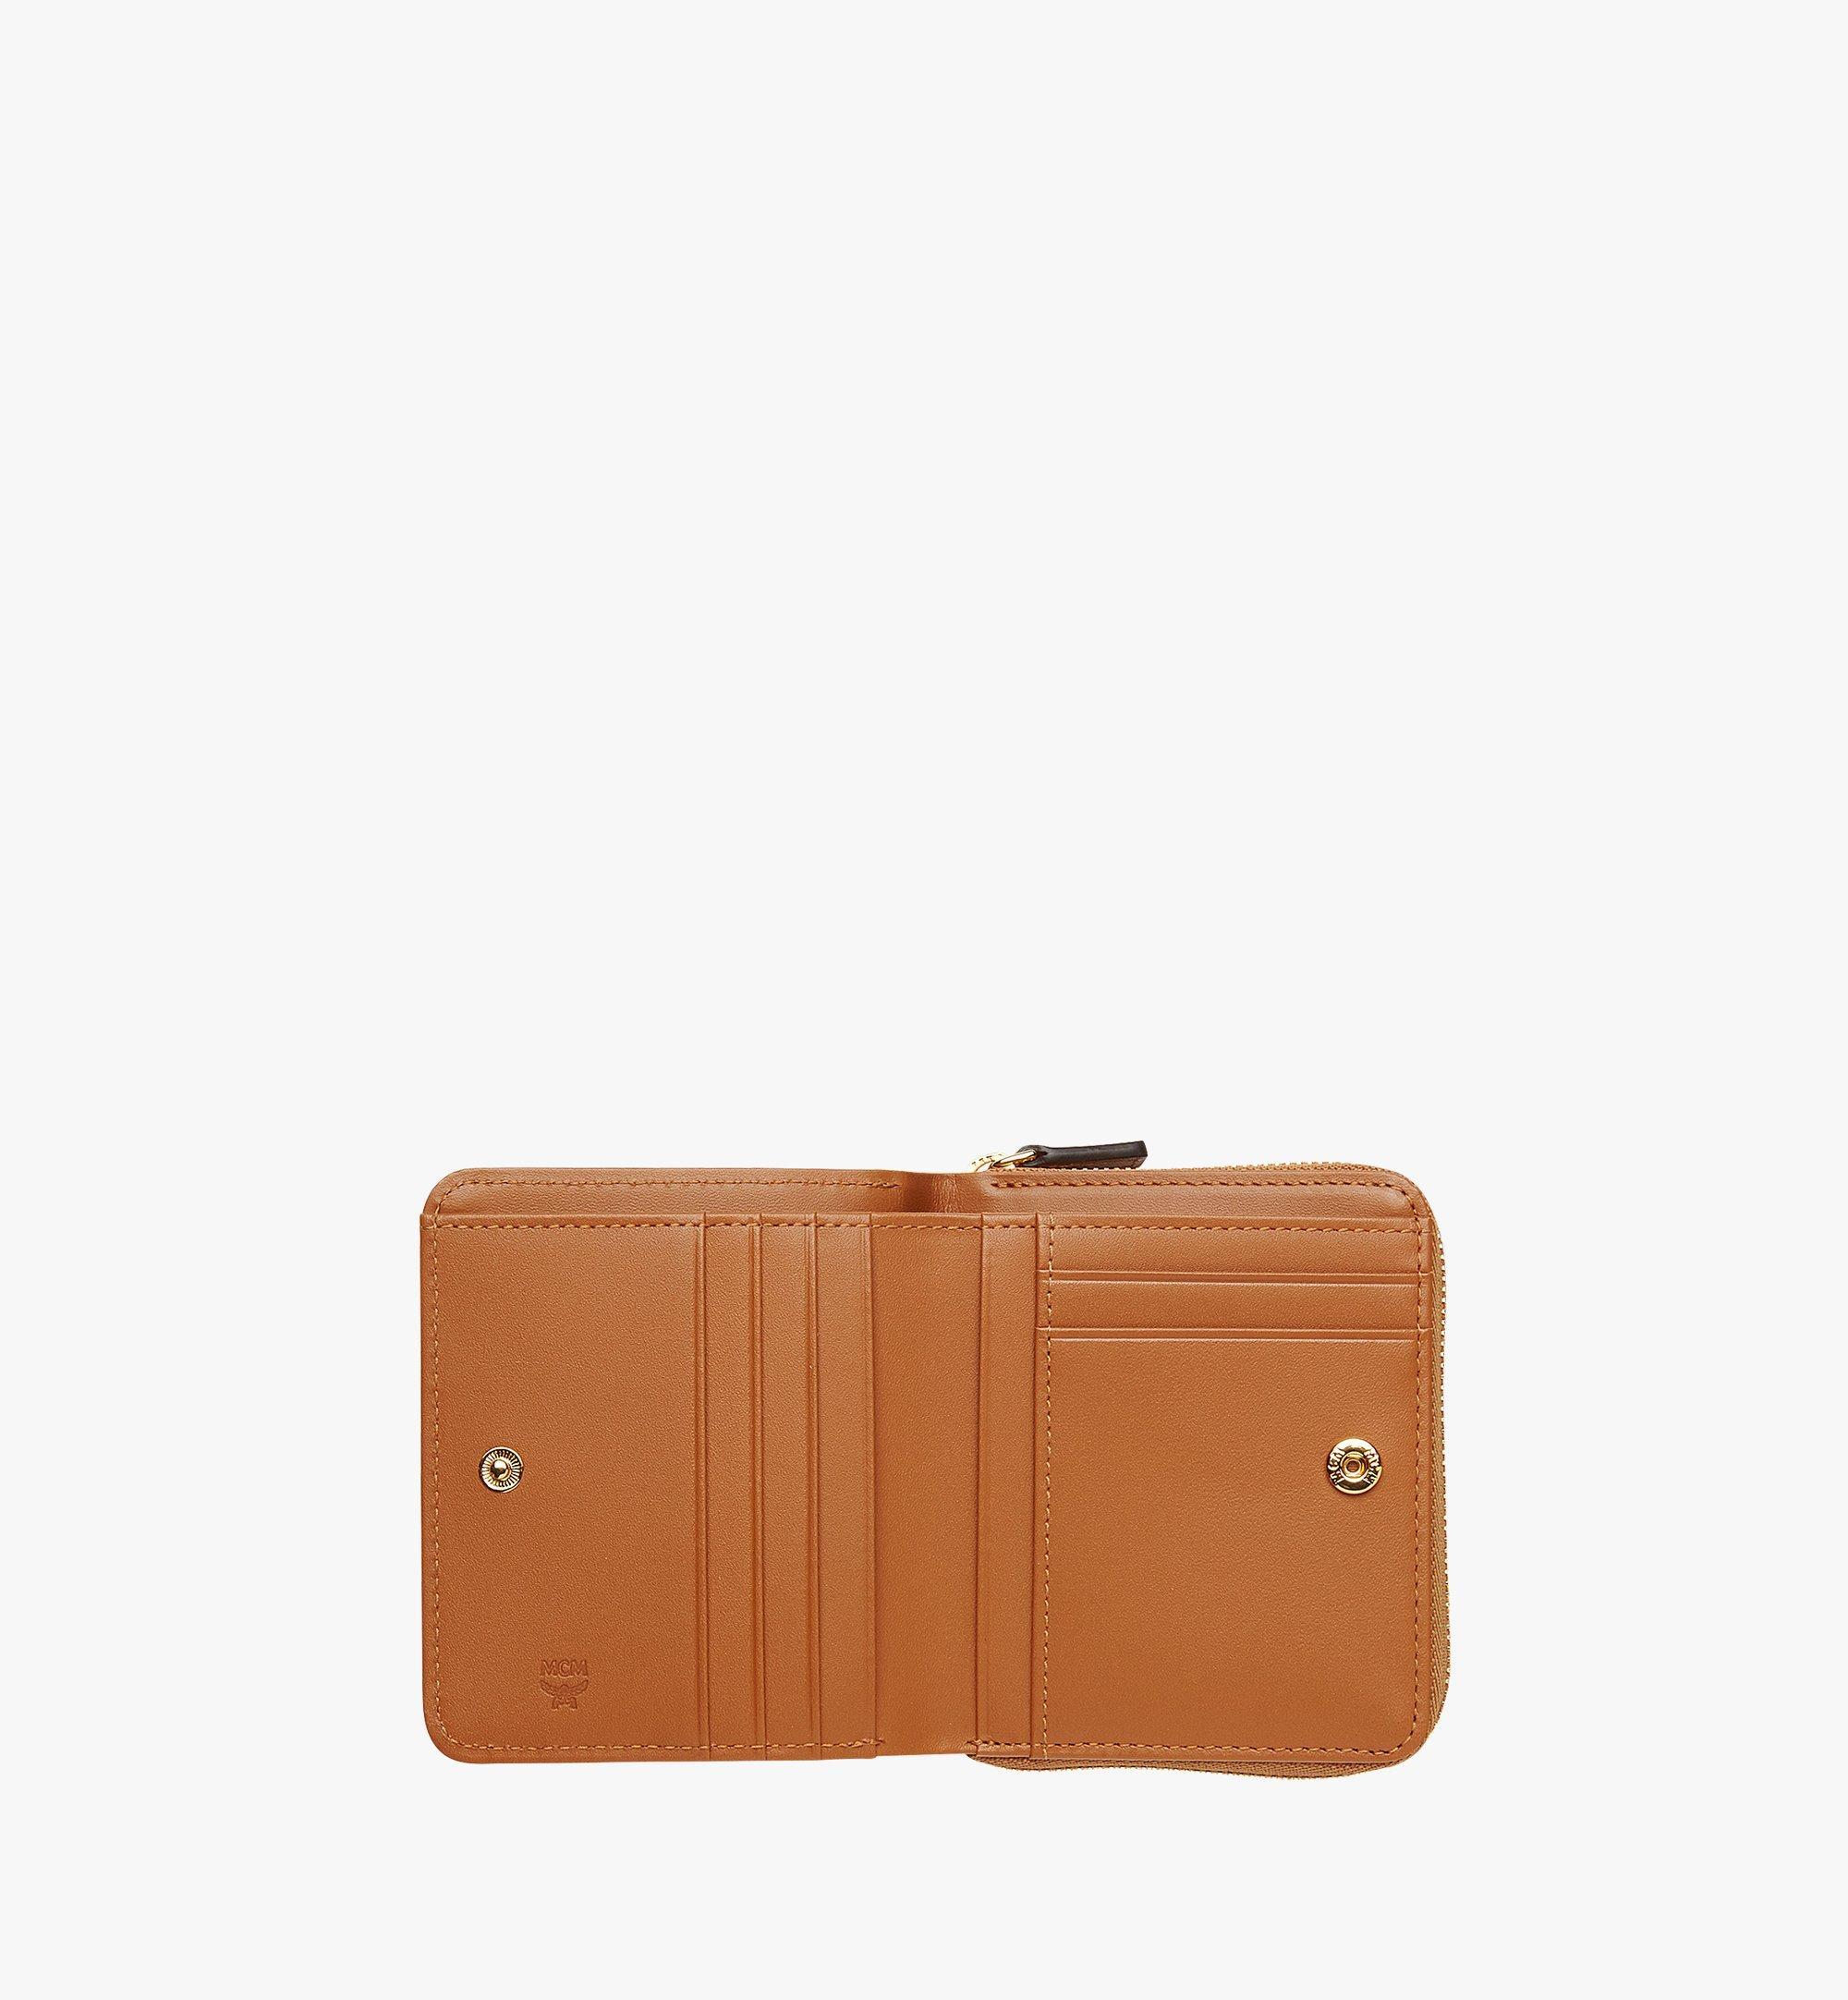 MCM Original Brieftasche mit Rundum-Reißverschluss in Visetos Cognac MYS8SVI95CO001 Noch mehr sehen 3